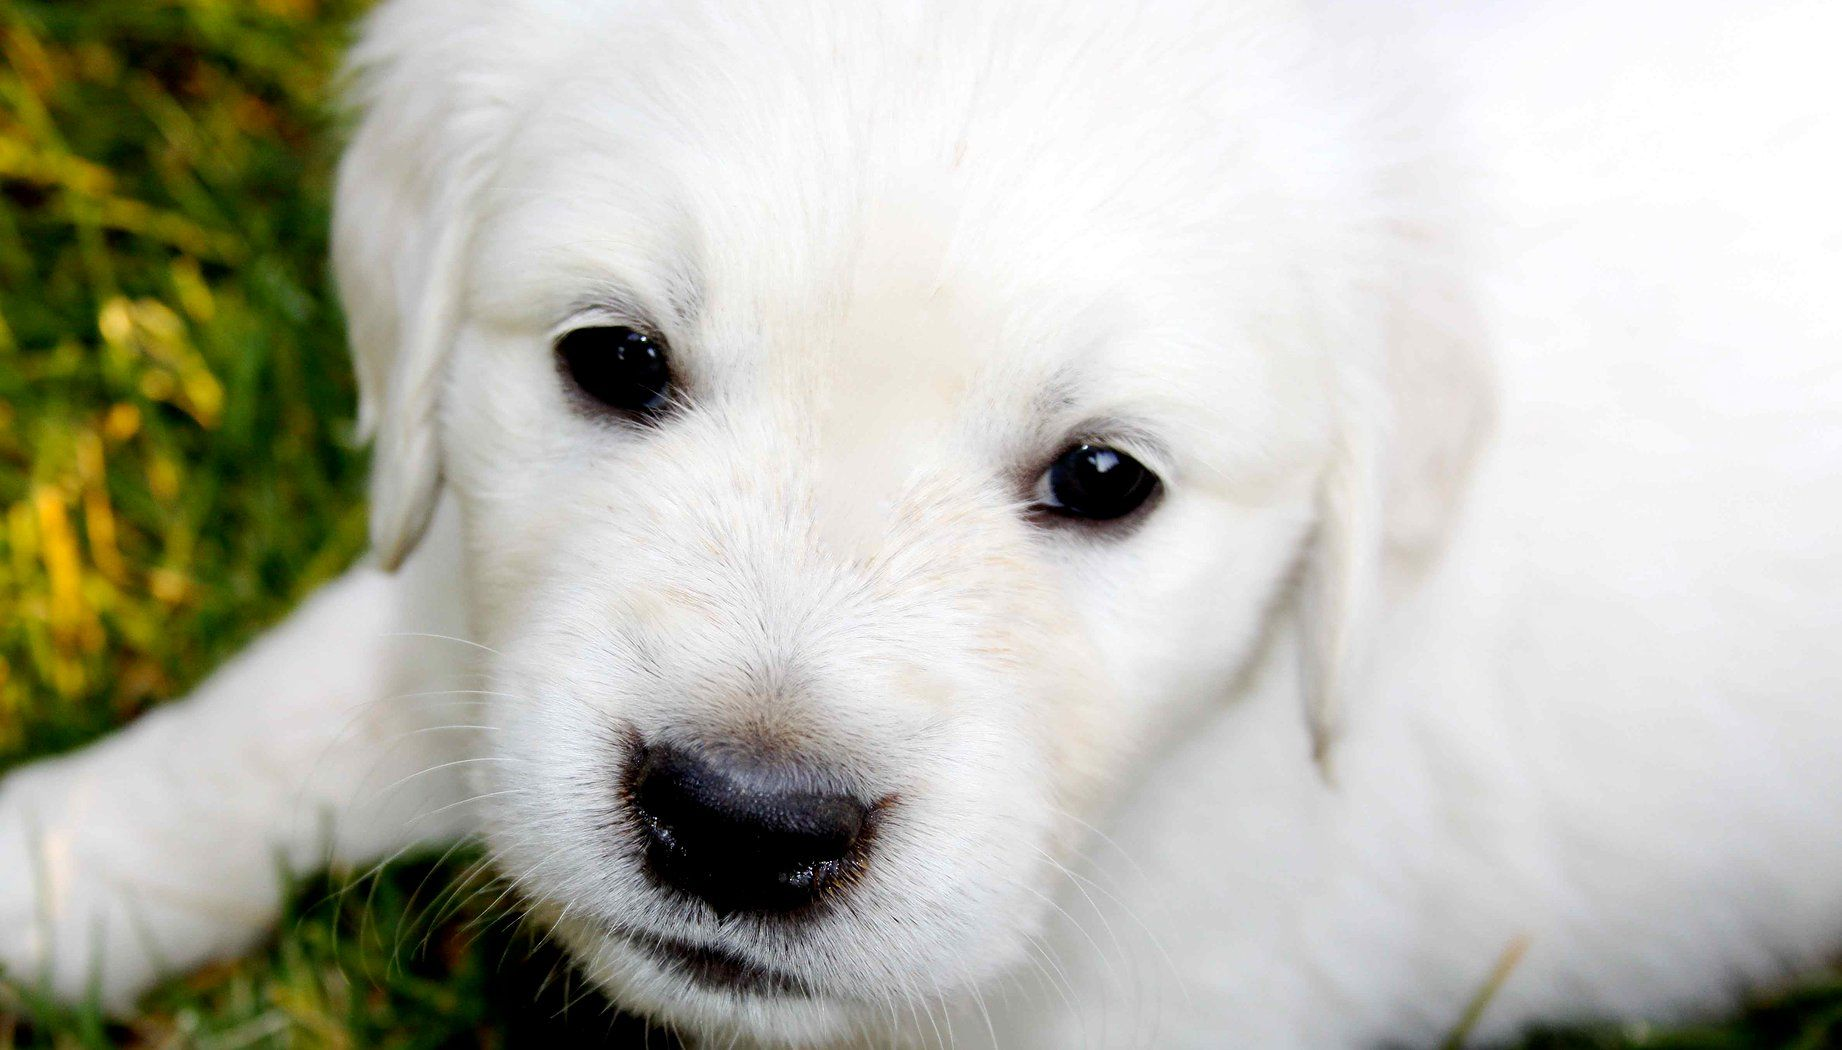 English Cream Golden Retriever Puppy Puppies White Golden Retriever Washington C English Golden Retrievers Golden Retriever English Golden Retriever Puppy